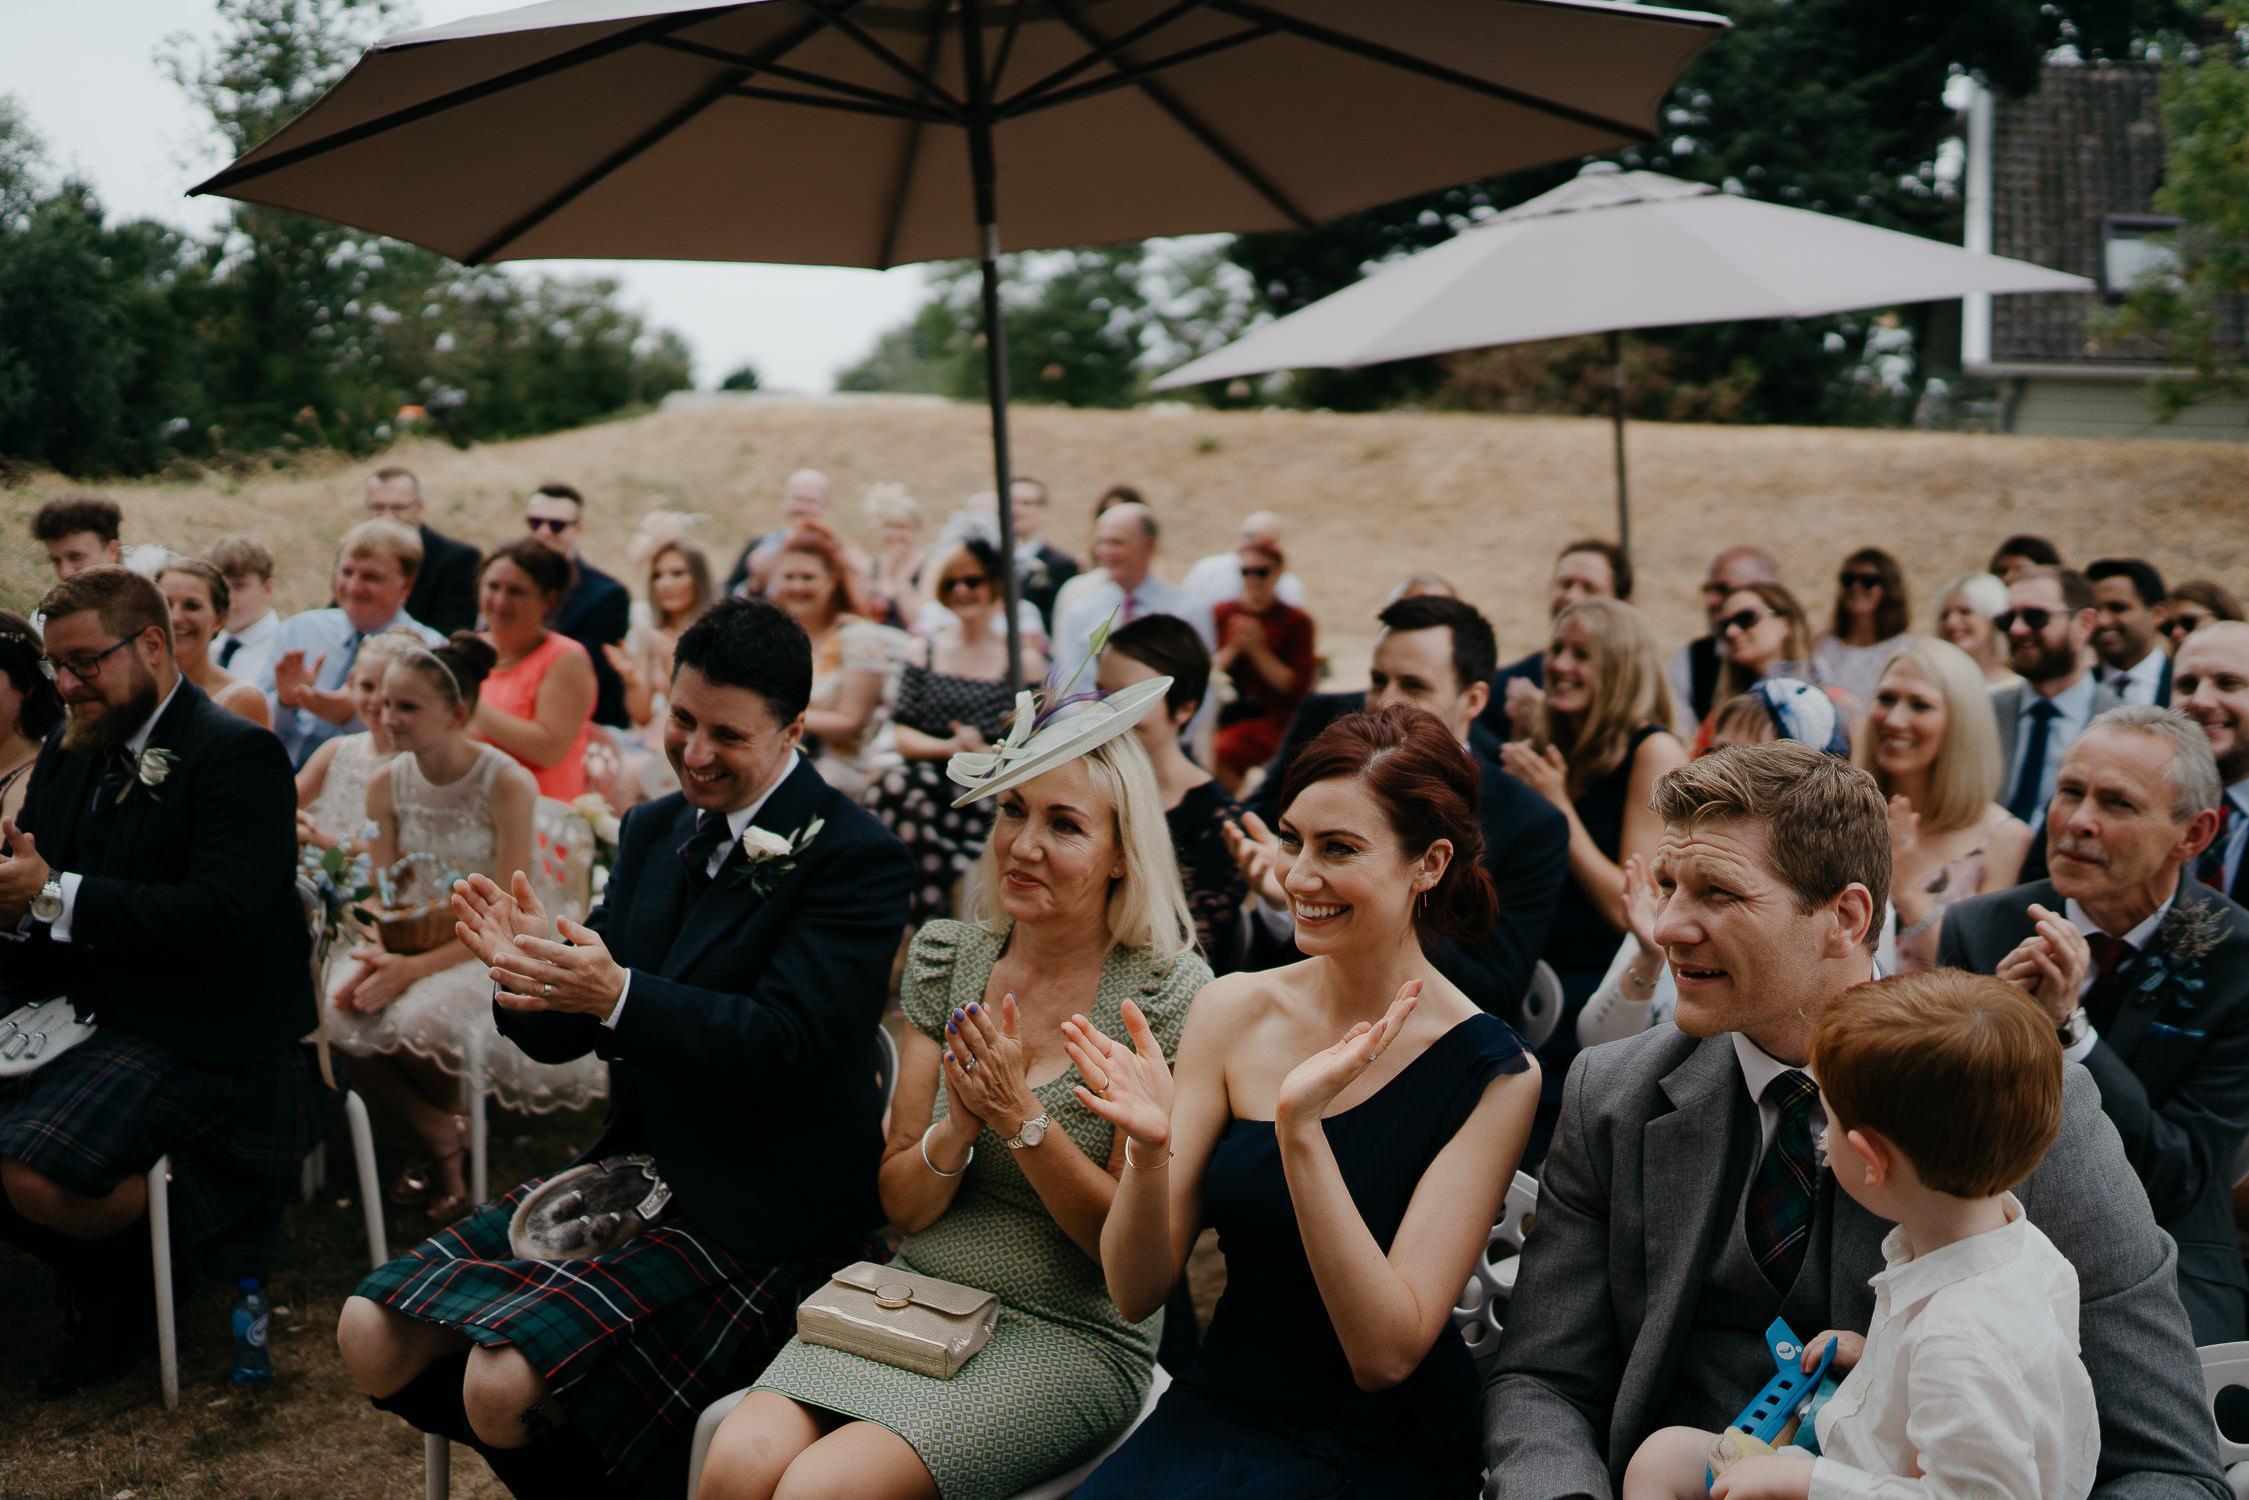 Bijzondere Bruiloft fotoraportage  door Mark Hadden